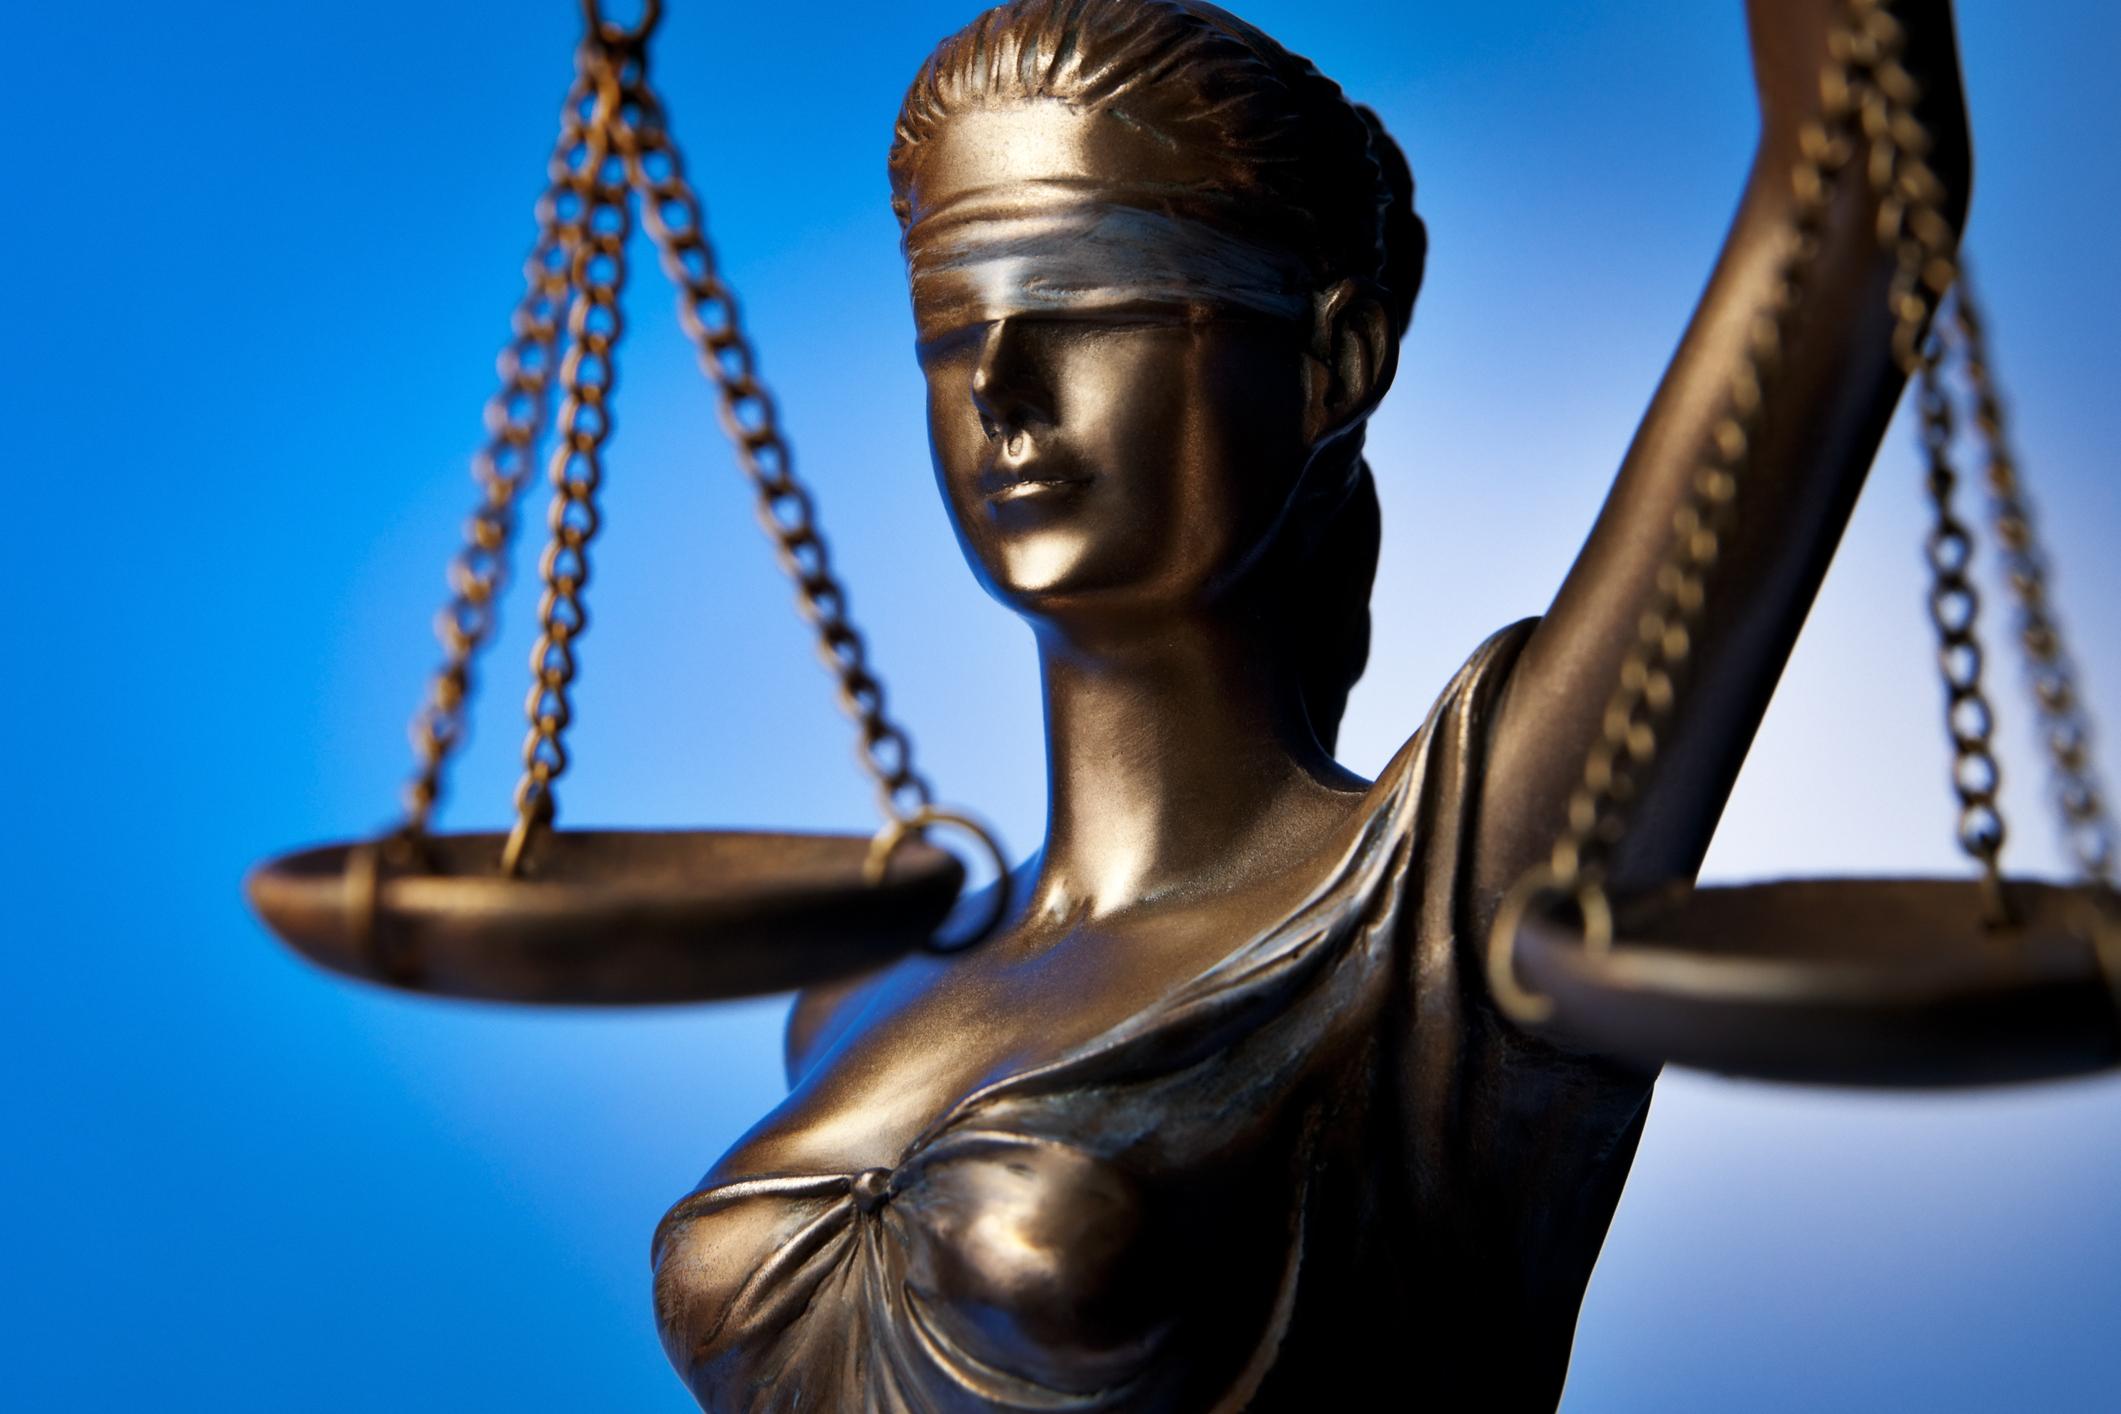 Осужден за совершение преступления против правосудия